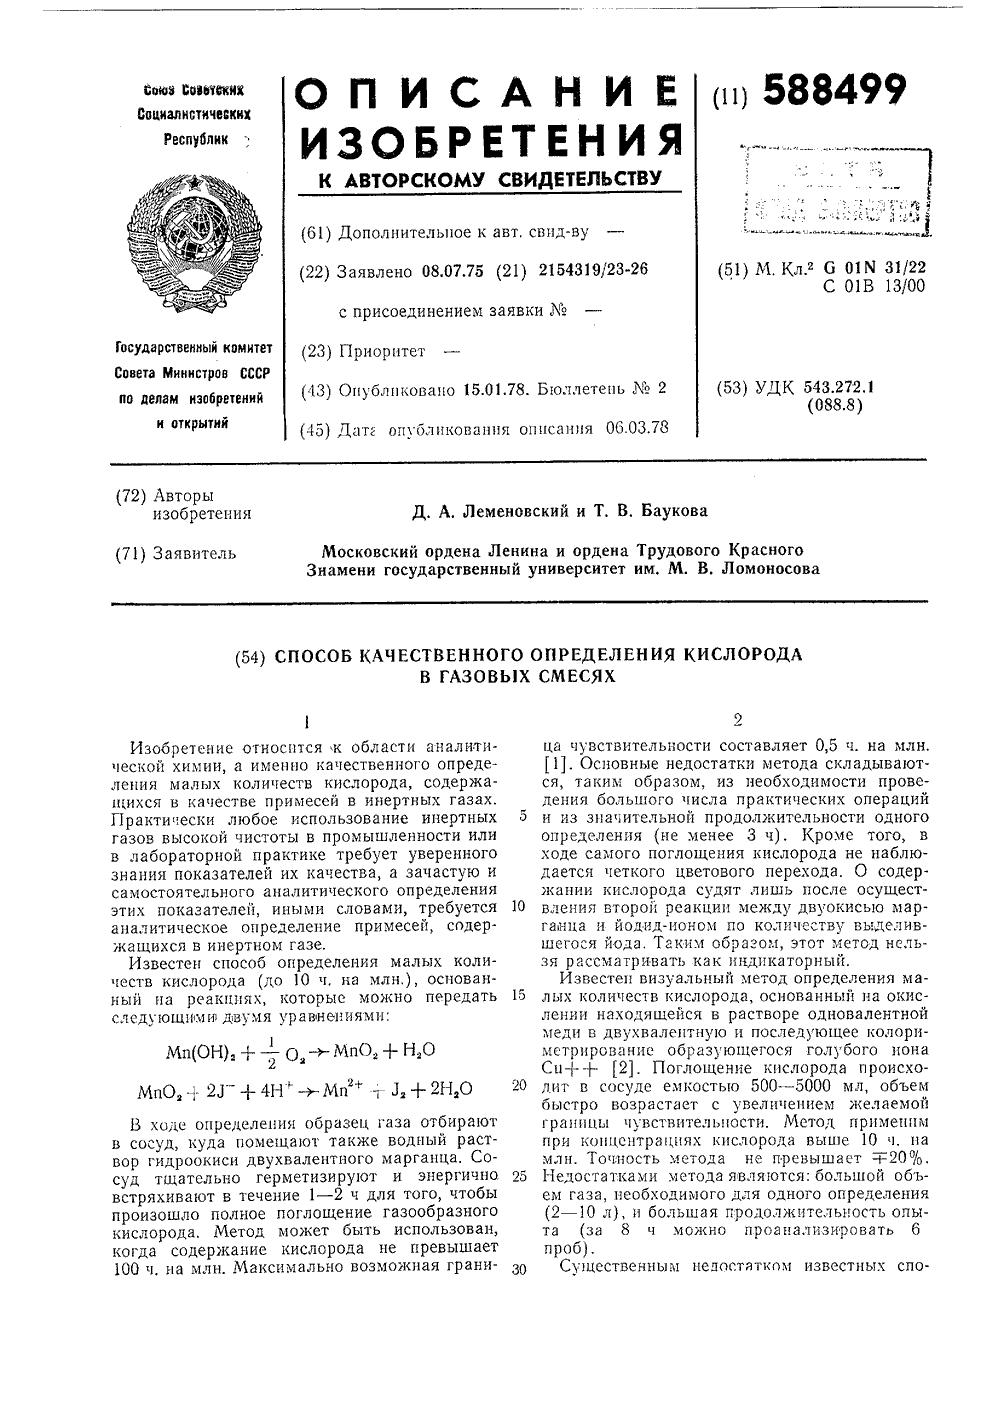 пароводородная конверсия метана схема